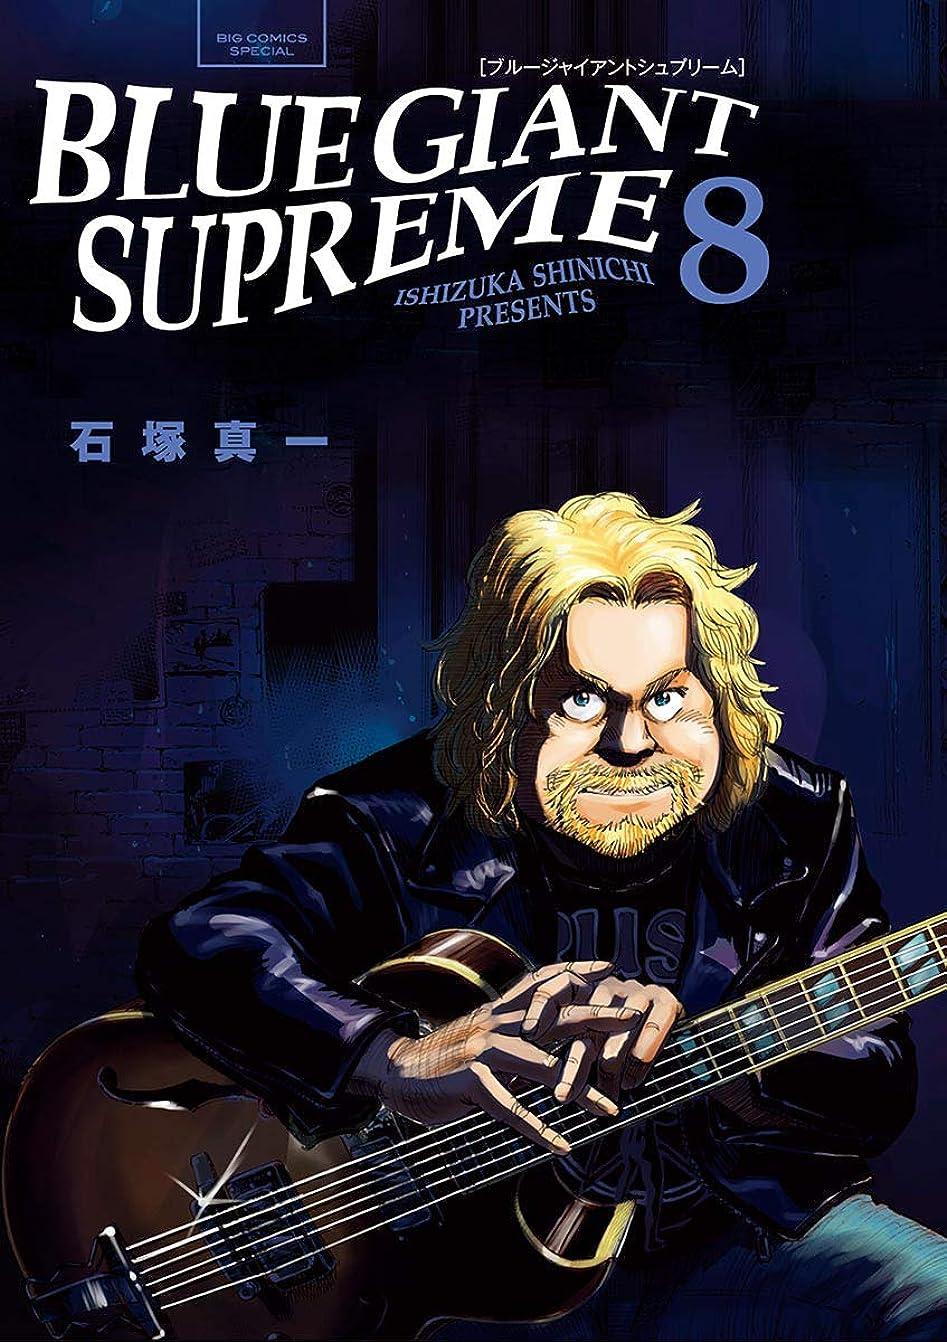 抵当ひどいサミュエルBLUE GIANT SUPREME(8) (ビッグコミックススペシャル)